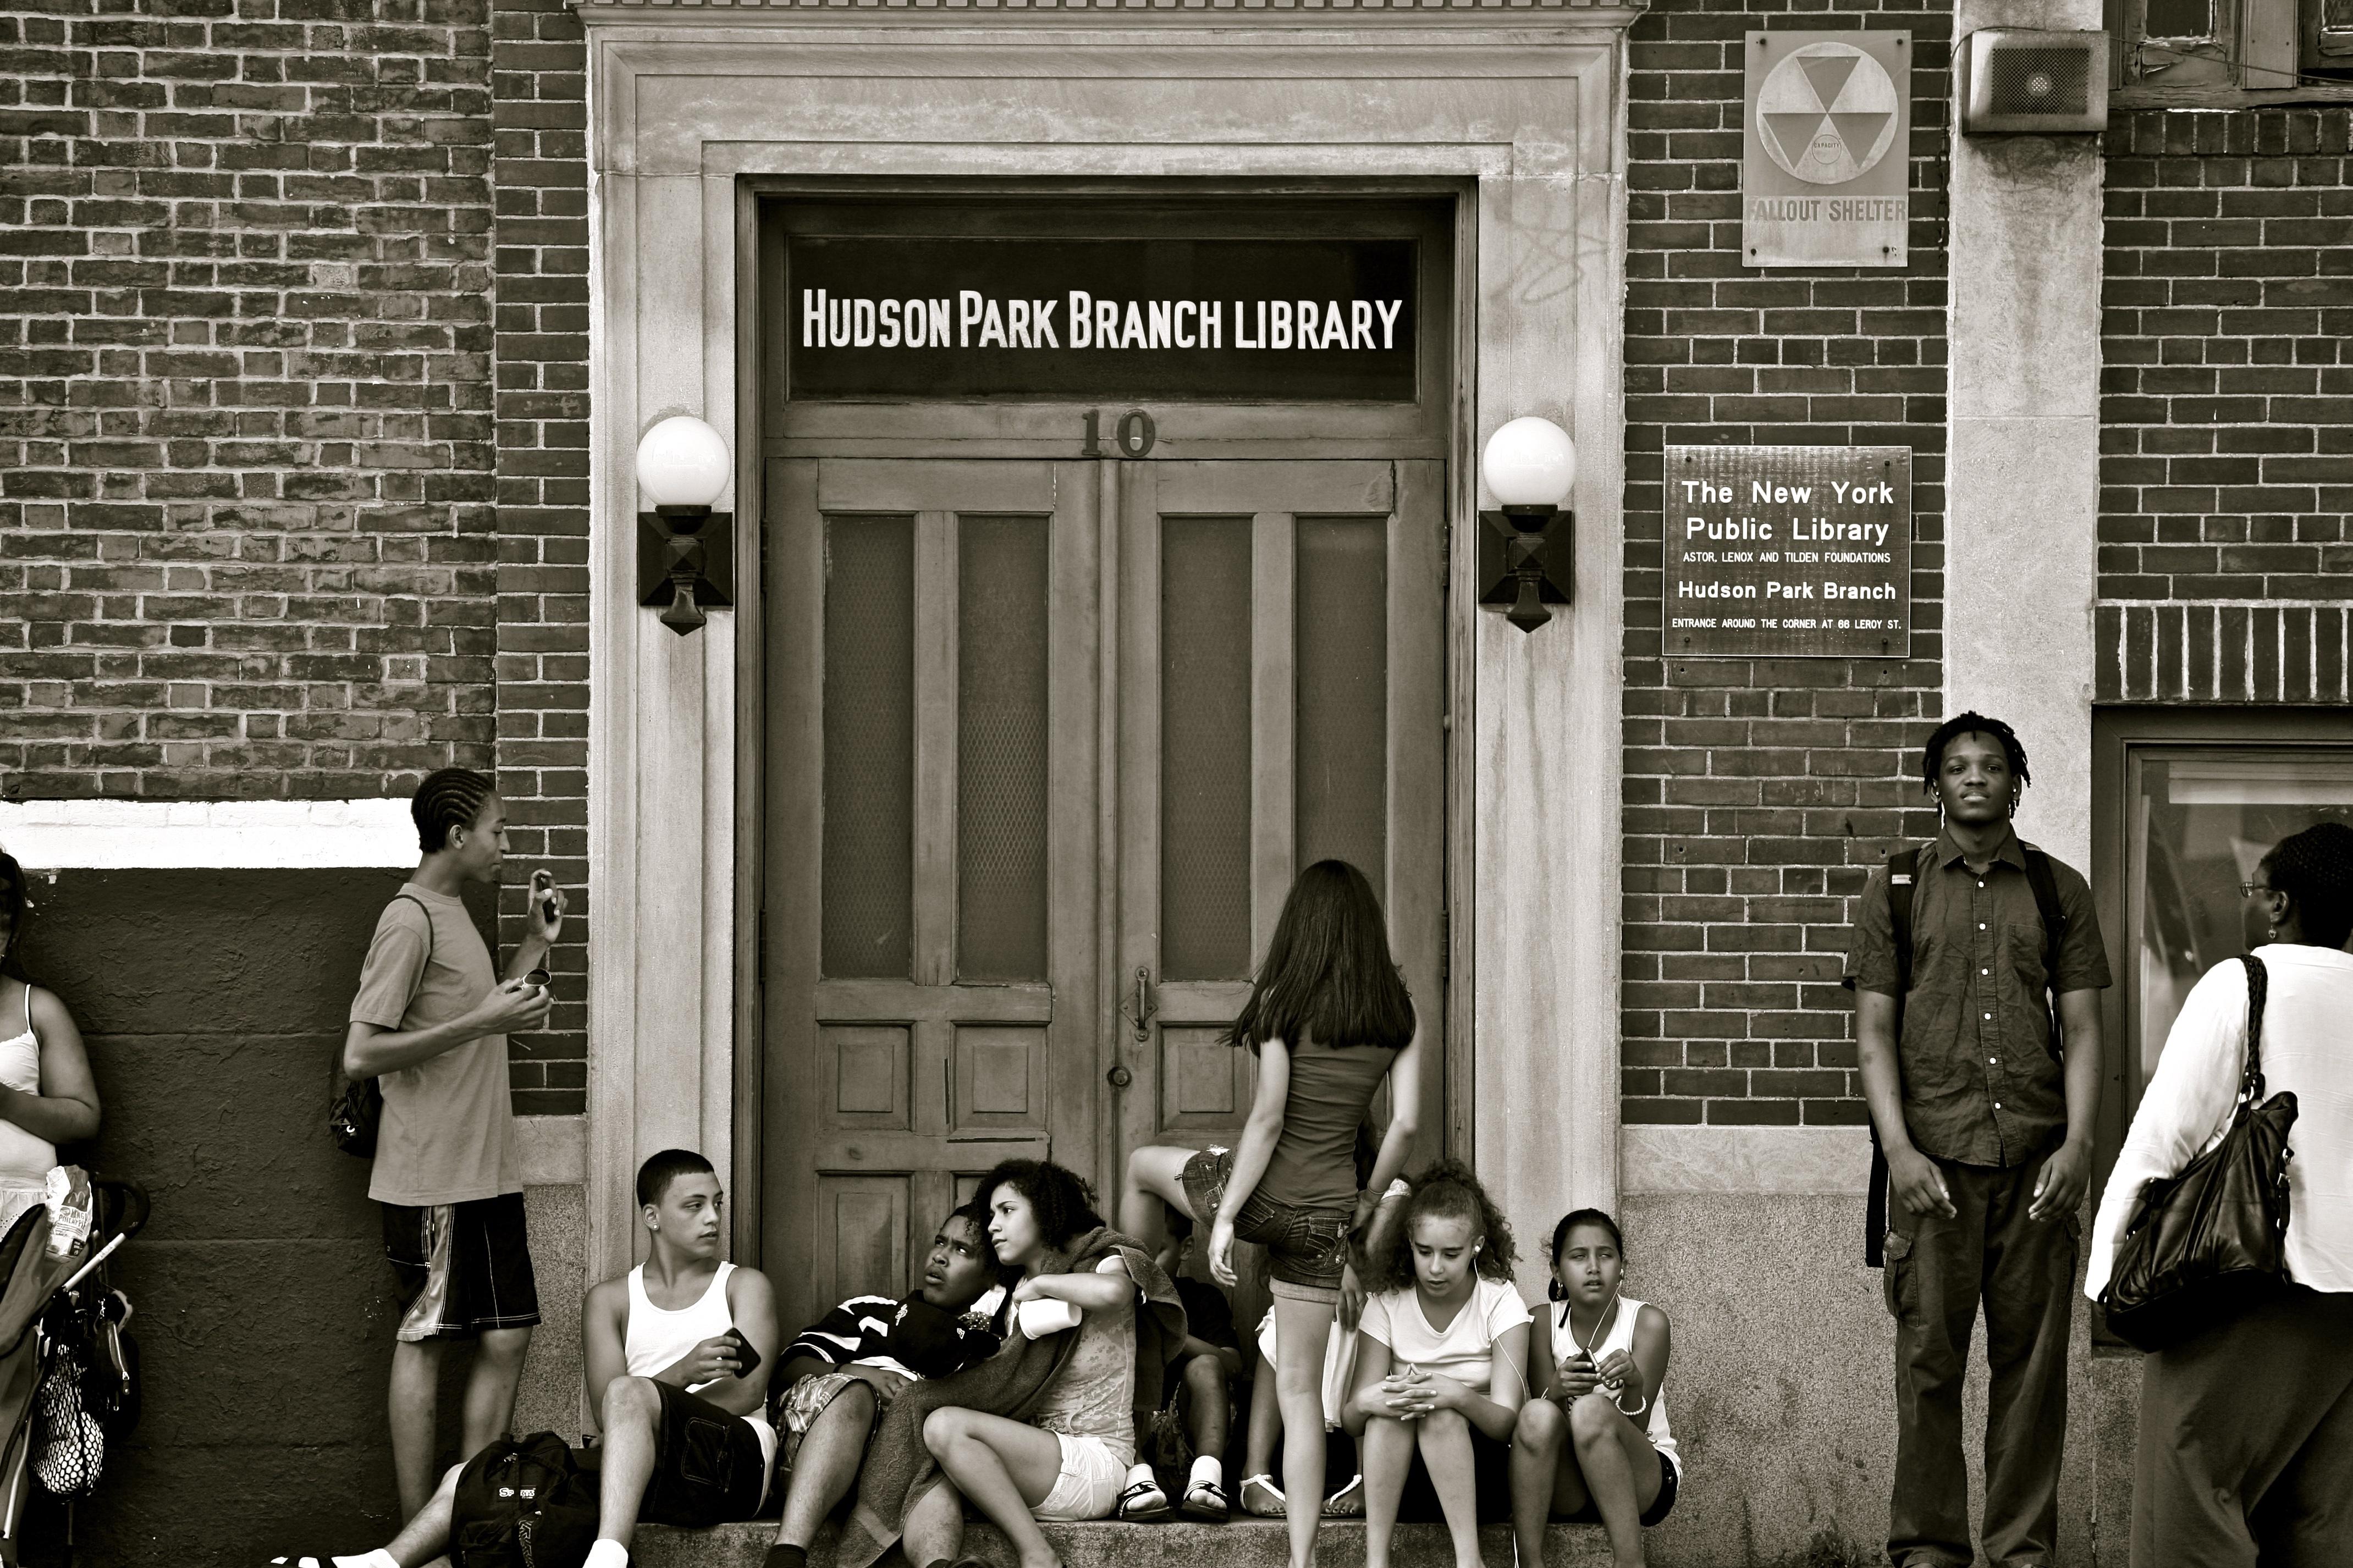 Hudson park library